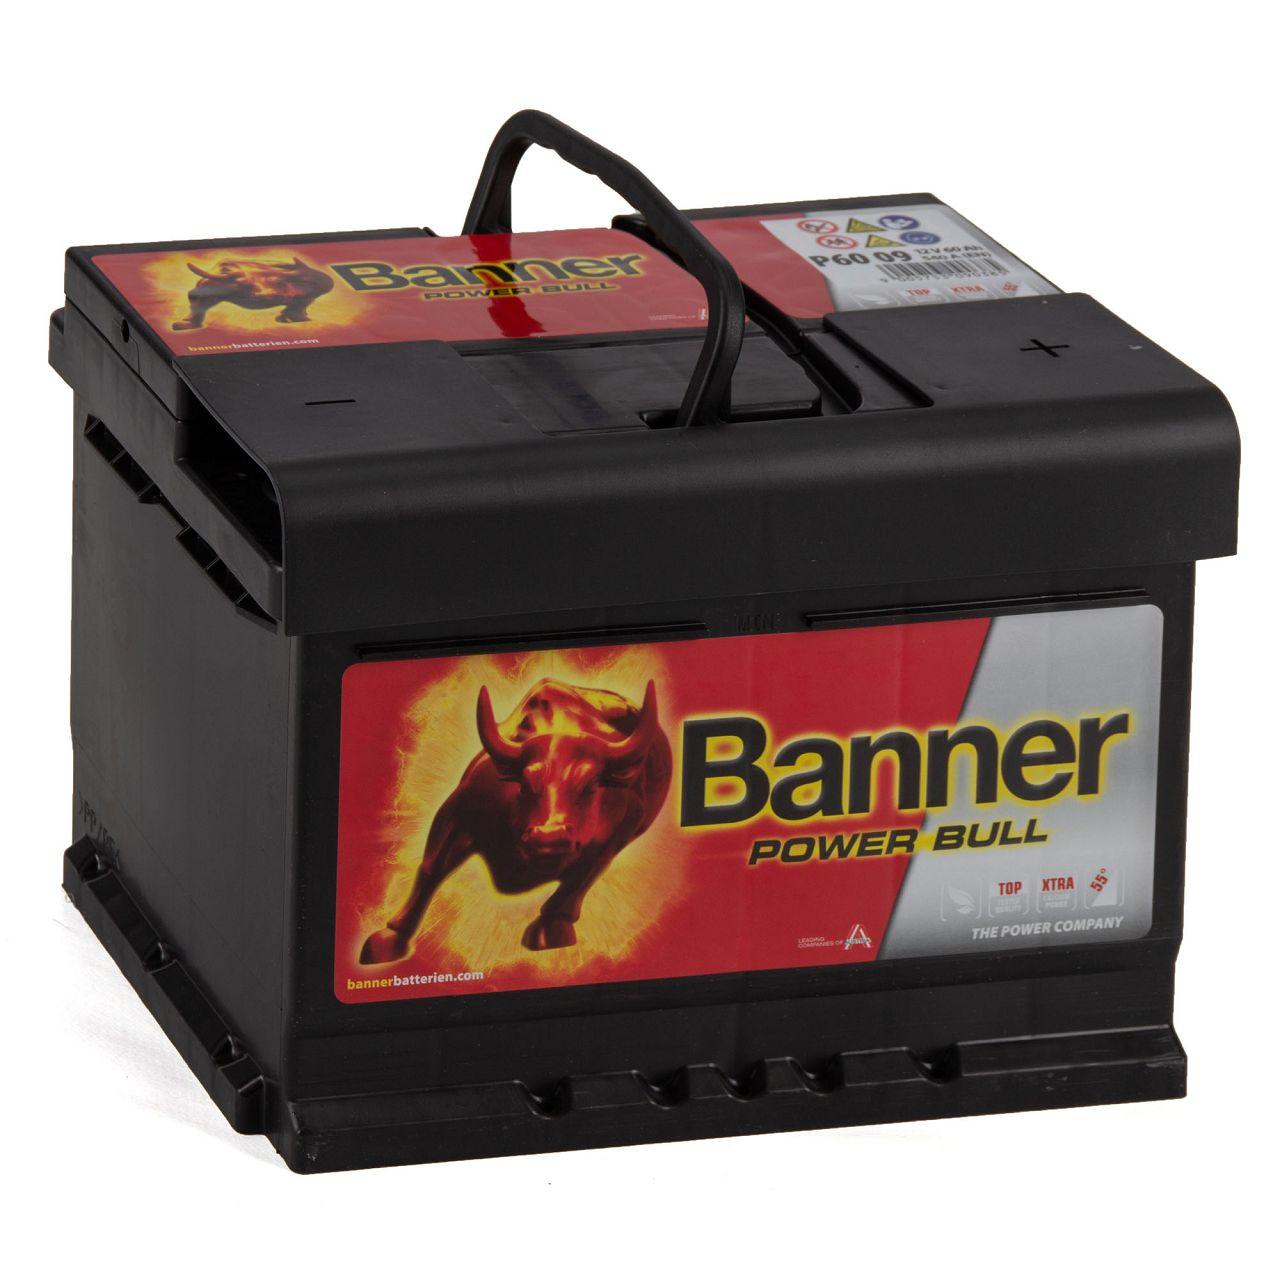 BANNER 56009 P6009 Power Bull Autobatterie Batterie 12V 60Ah 540A